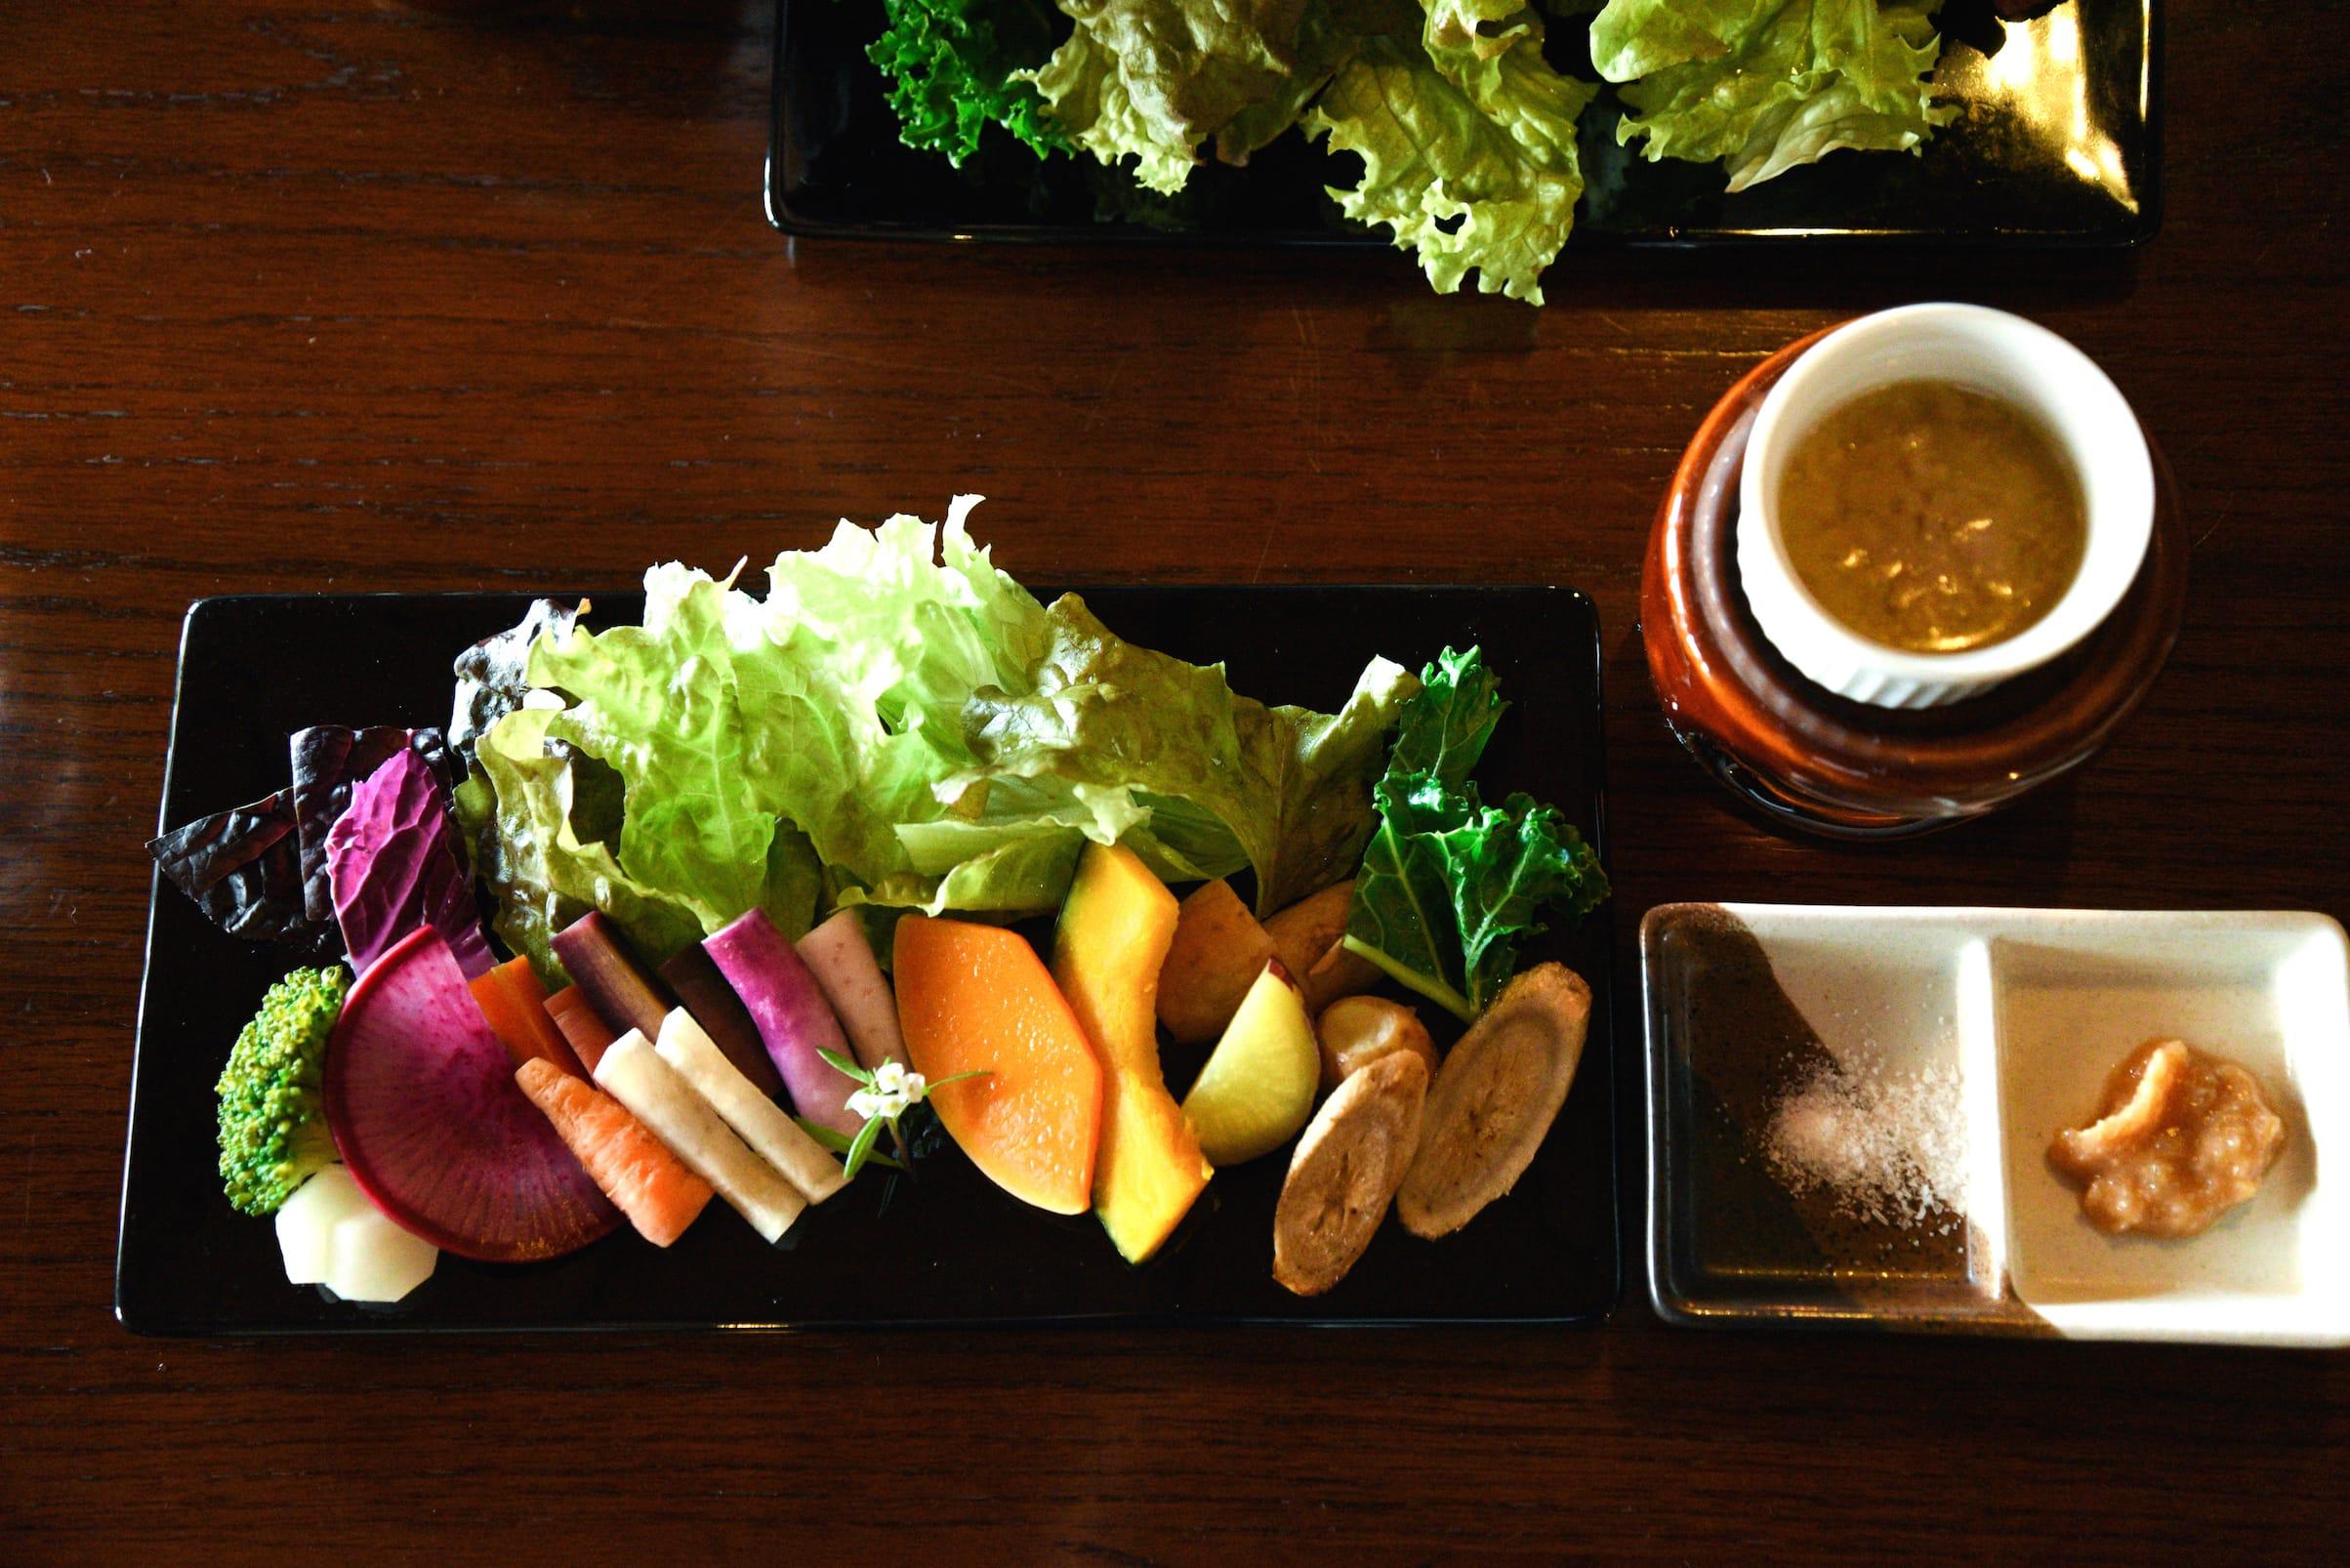 洲本の農家からとれたての野菜を直接仕入れ、目と舌で楽しめる地産料理を作り出す延原さん。ぎゅっと味が凝縮した野菜は、スーパーに並ぶ野菜とはひと味もふた味も異なる逸品。